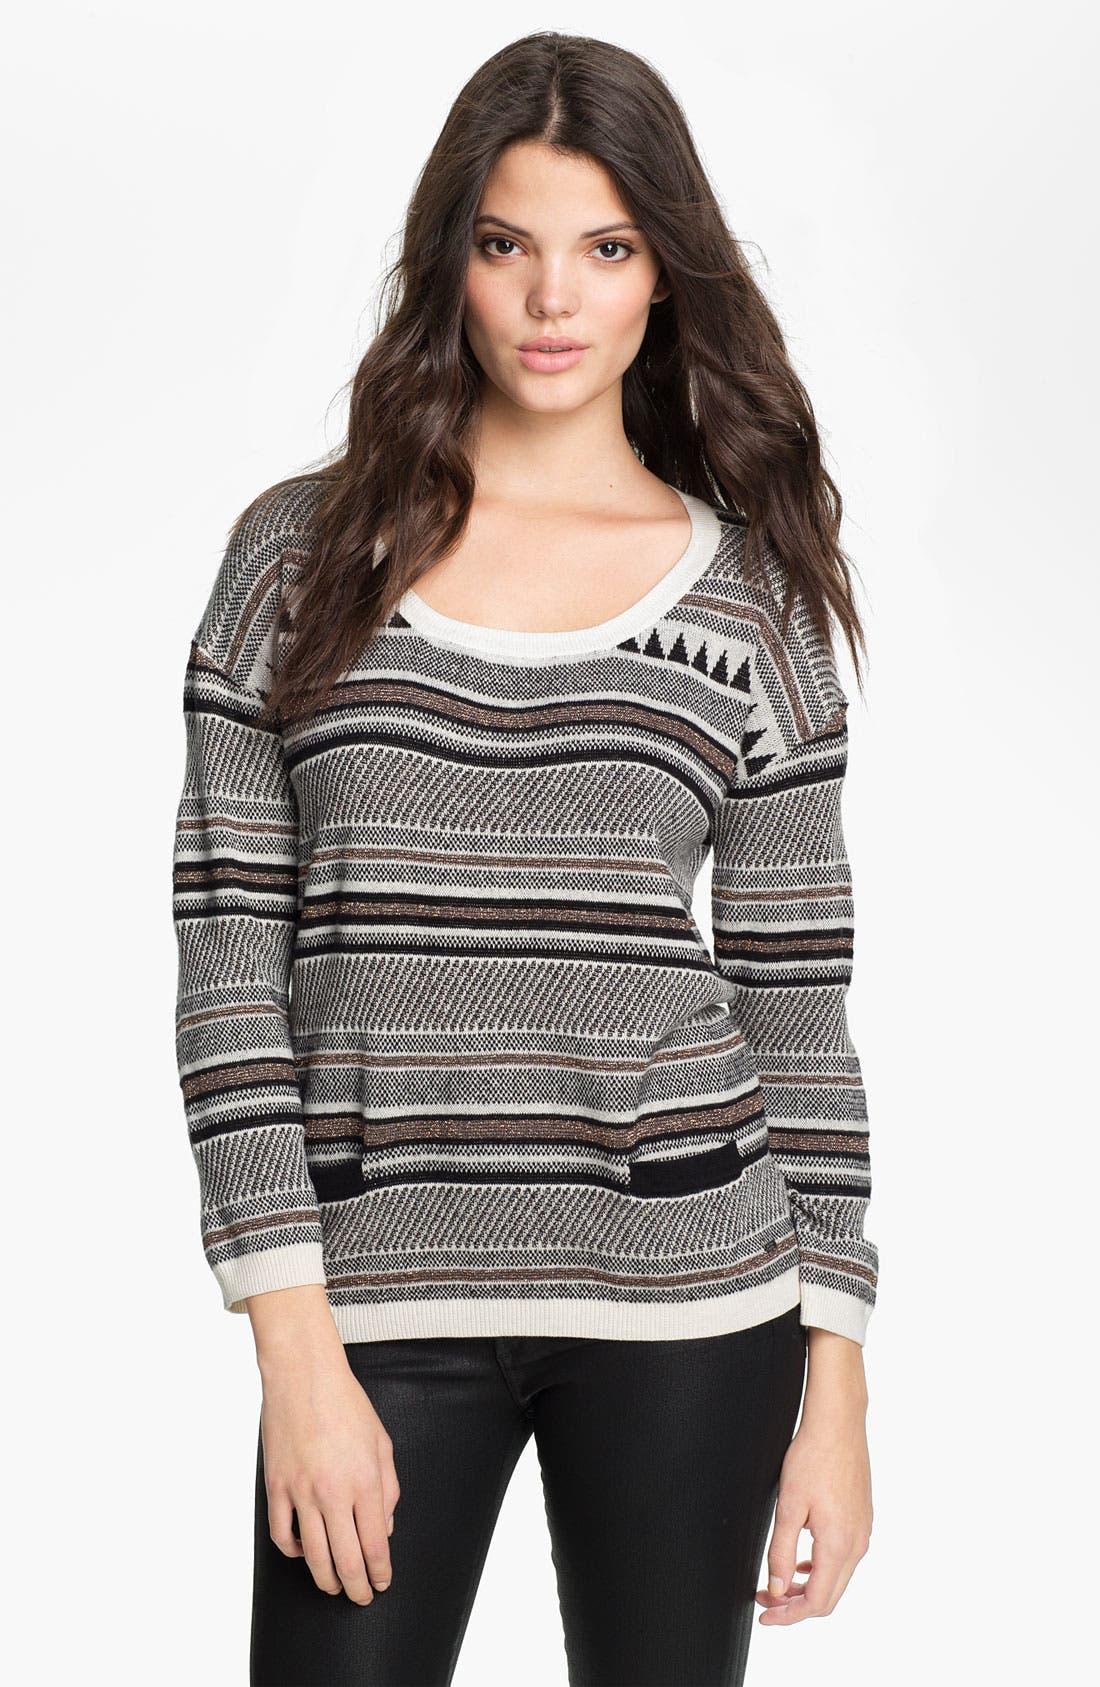 Main Image - Maison Scotch Nordic Knit Sweater